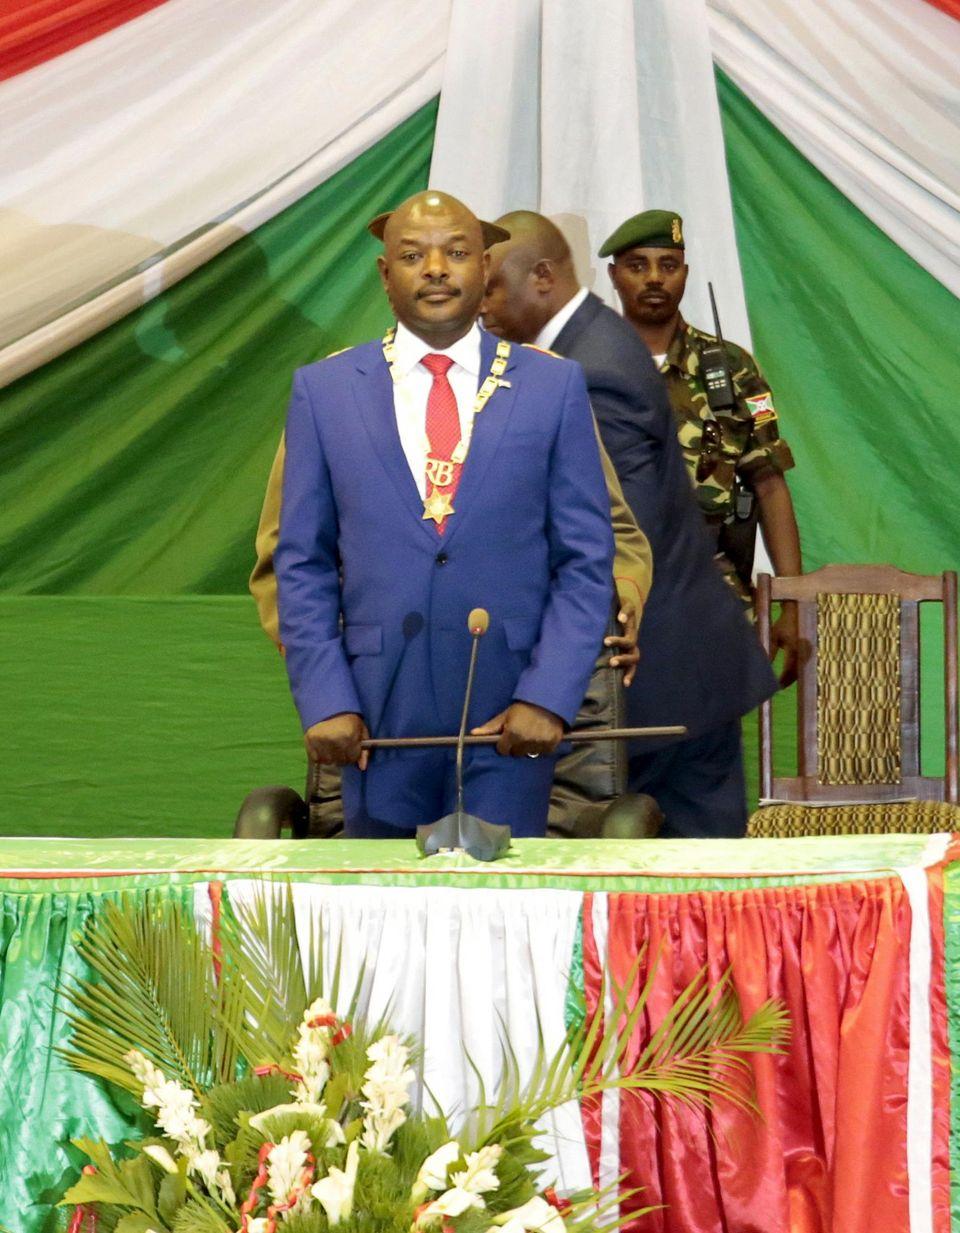 Le président burundais Pierre Nkurunziza lors de son accession au pouvoir, pour un troisième mandat d'affilée, à Bujumbura le 20 août.